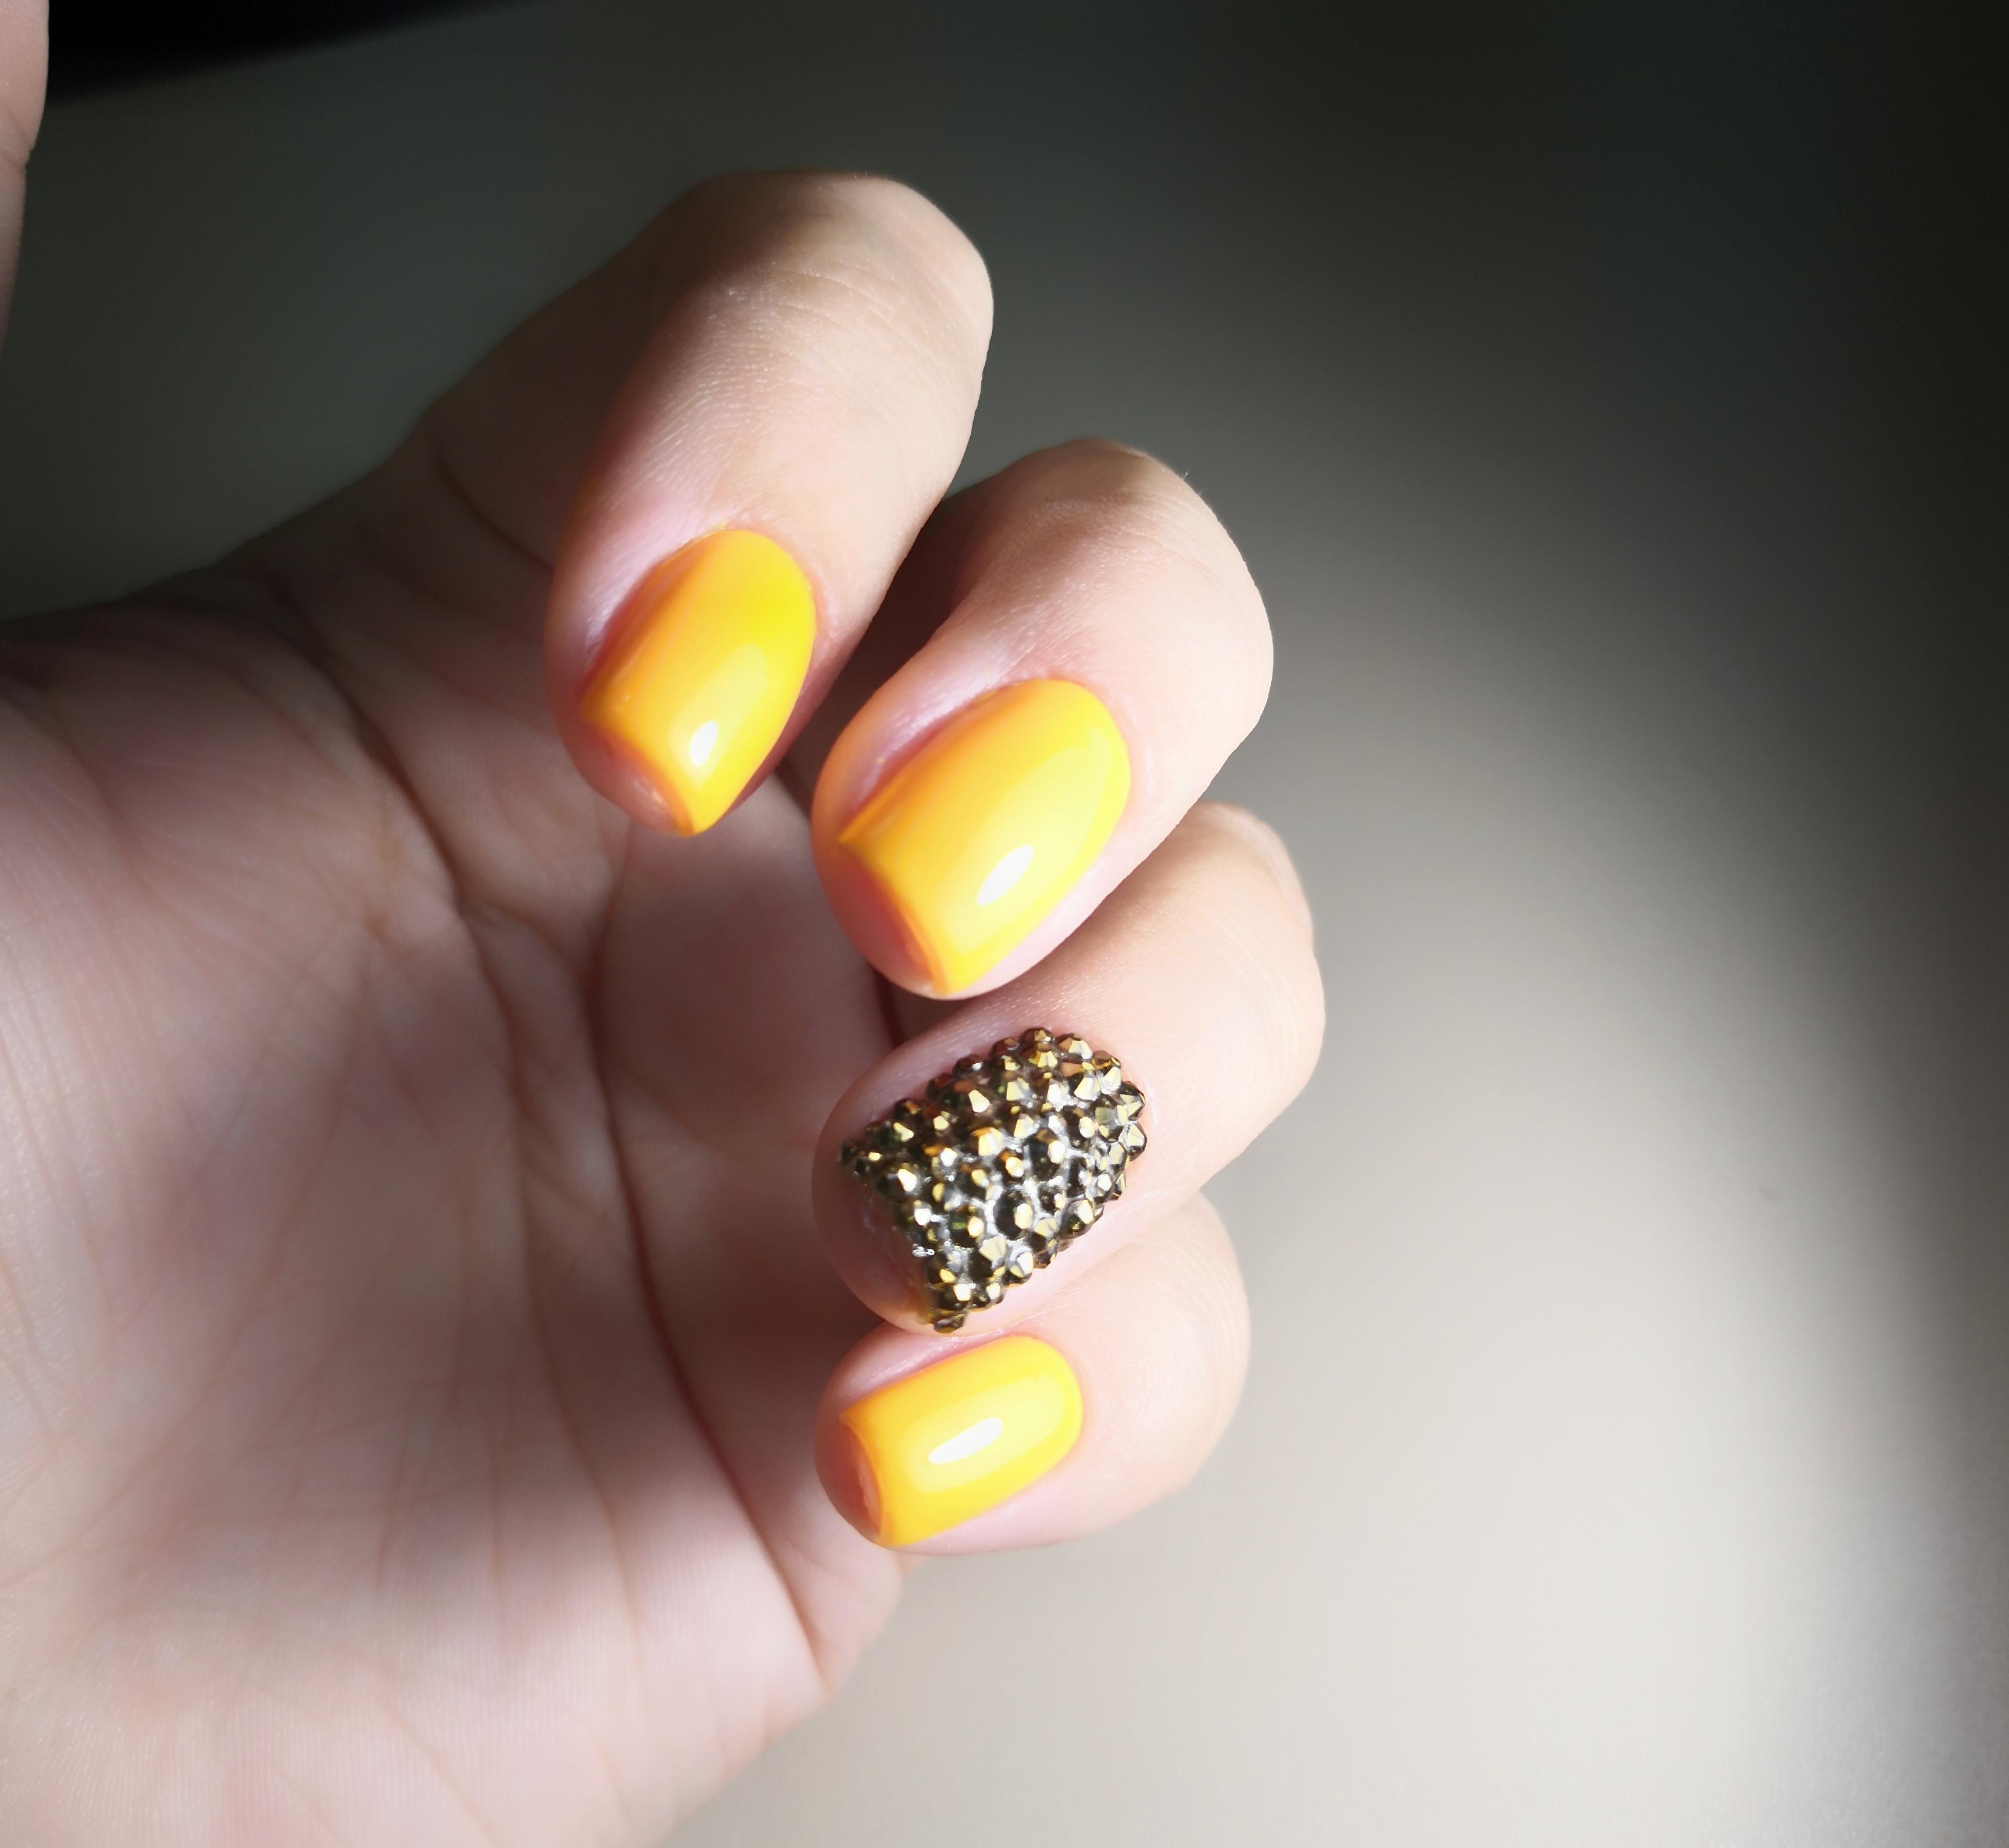 Маникюр в жёлтом цвете с объёмными стразами.